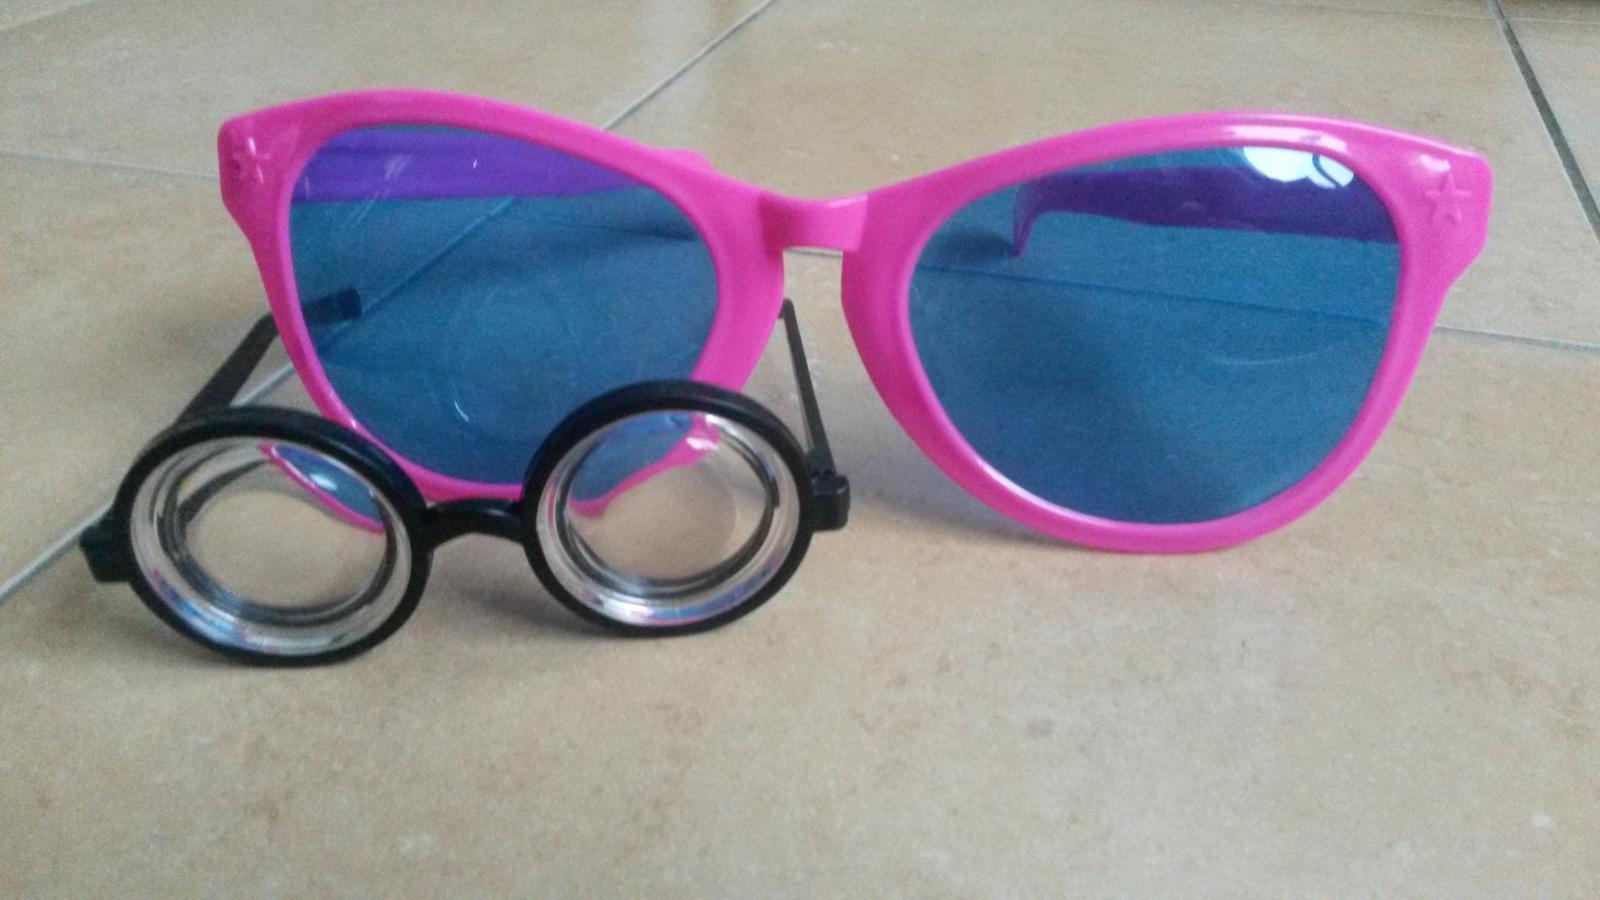 Žertovné brýle - Obrázek č. 1